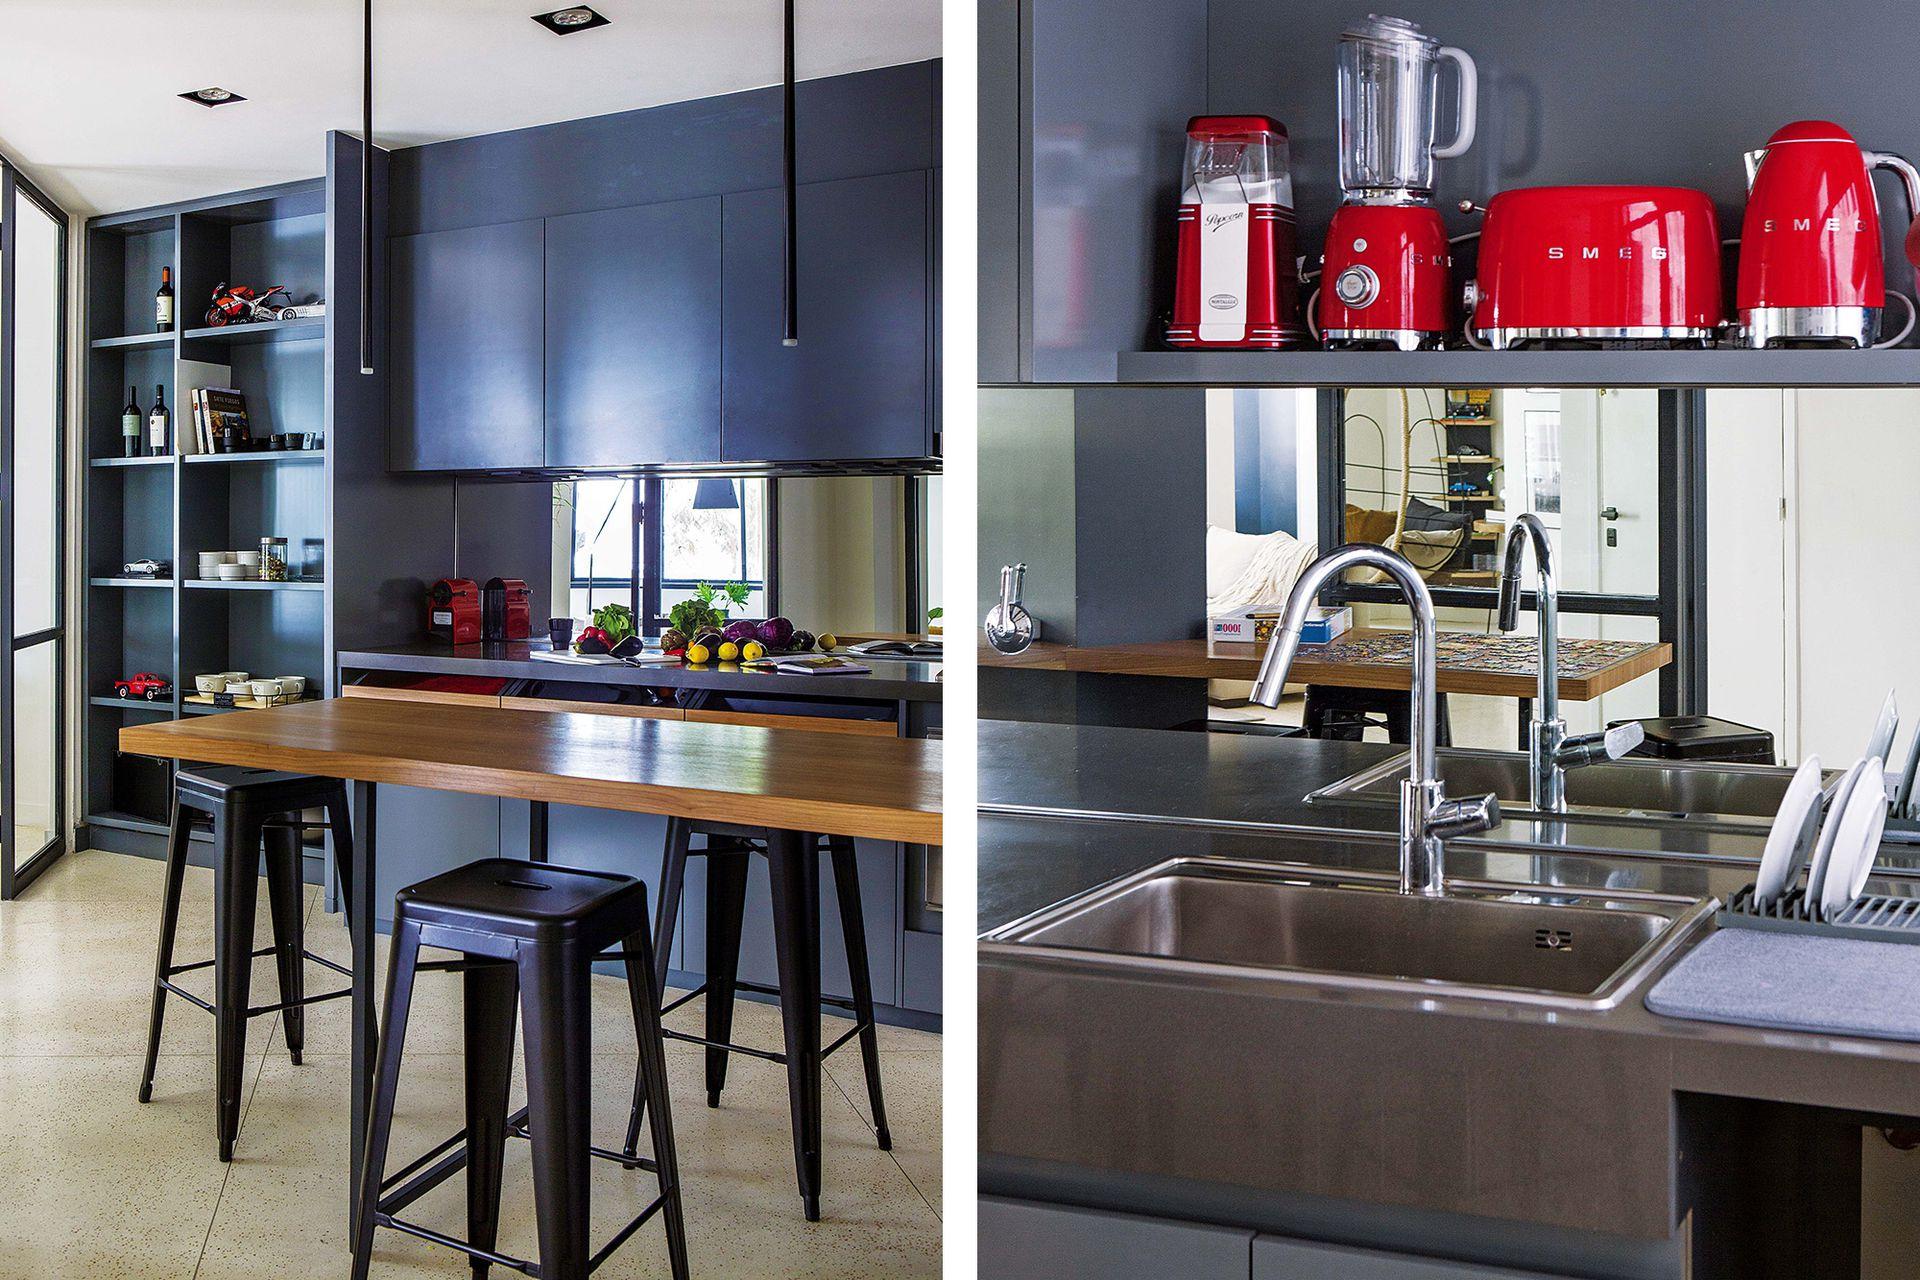 Banquetas 'Tolix' en negro y electrodomésticos rojos de Smeg.